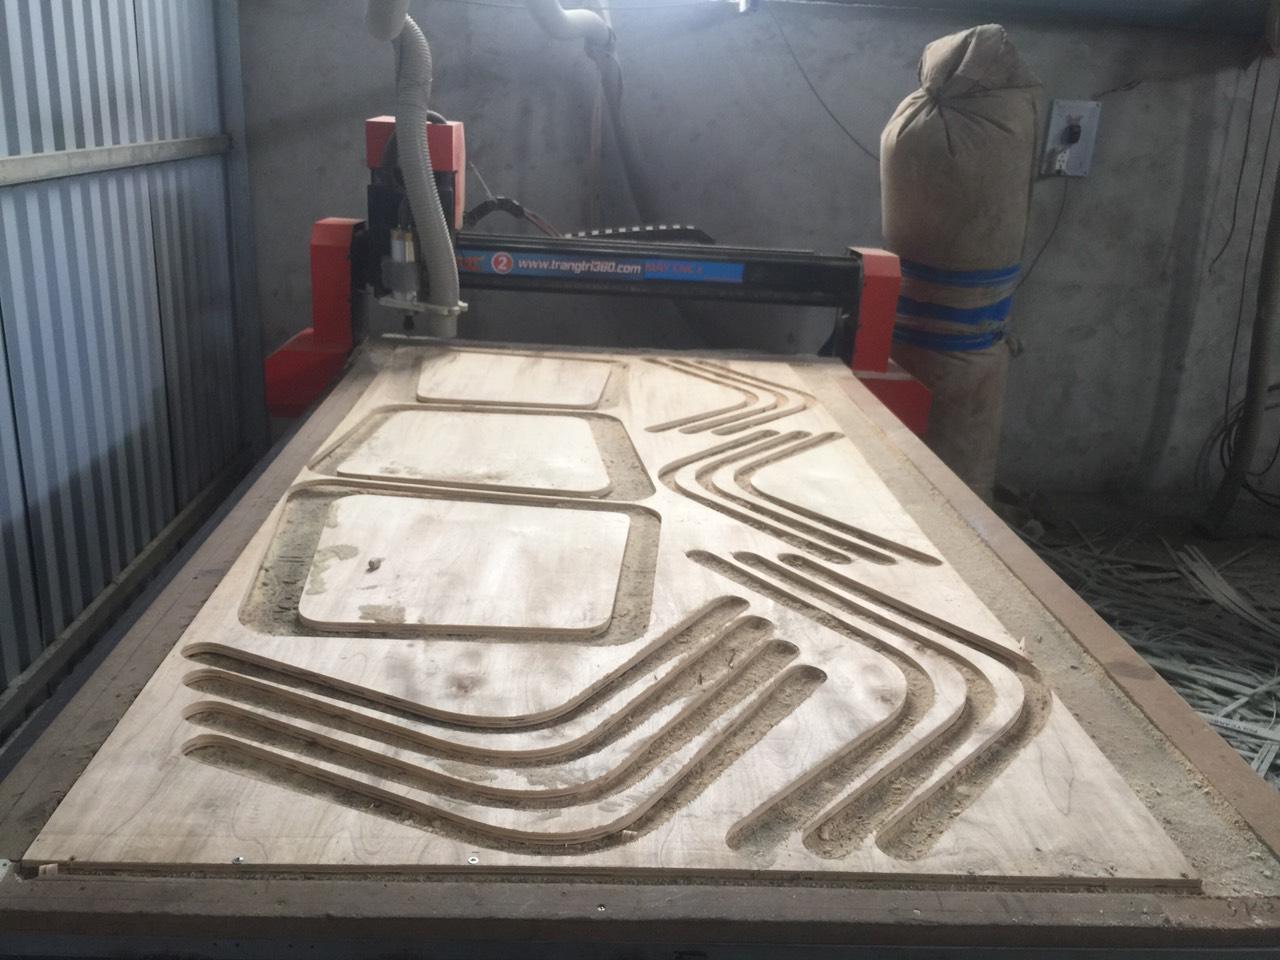 Gia công CNC trên ván ép Plywood với đường nét, kiểu hoa văn theo yêu cầu khách hàng